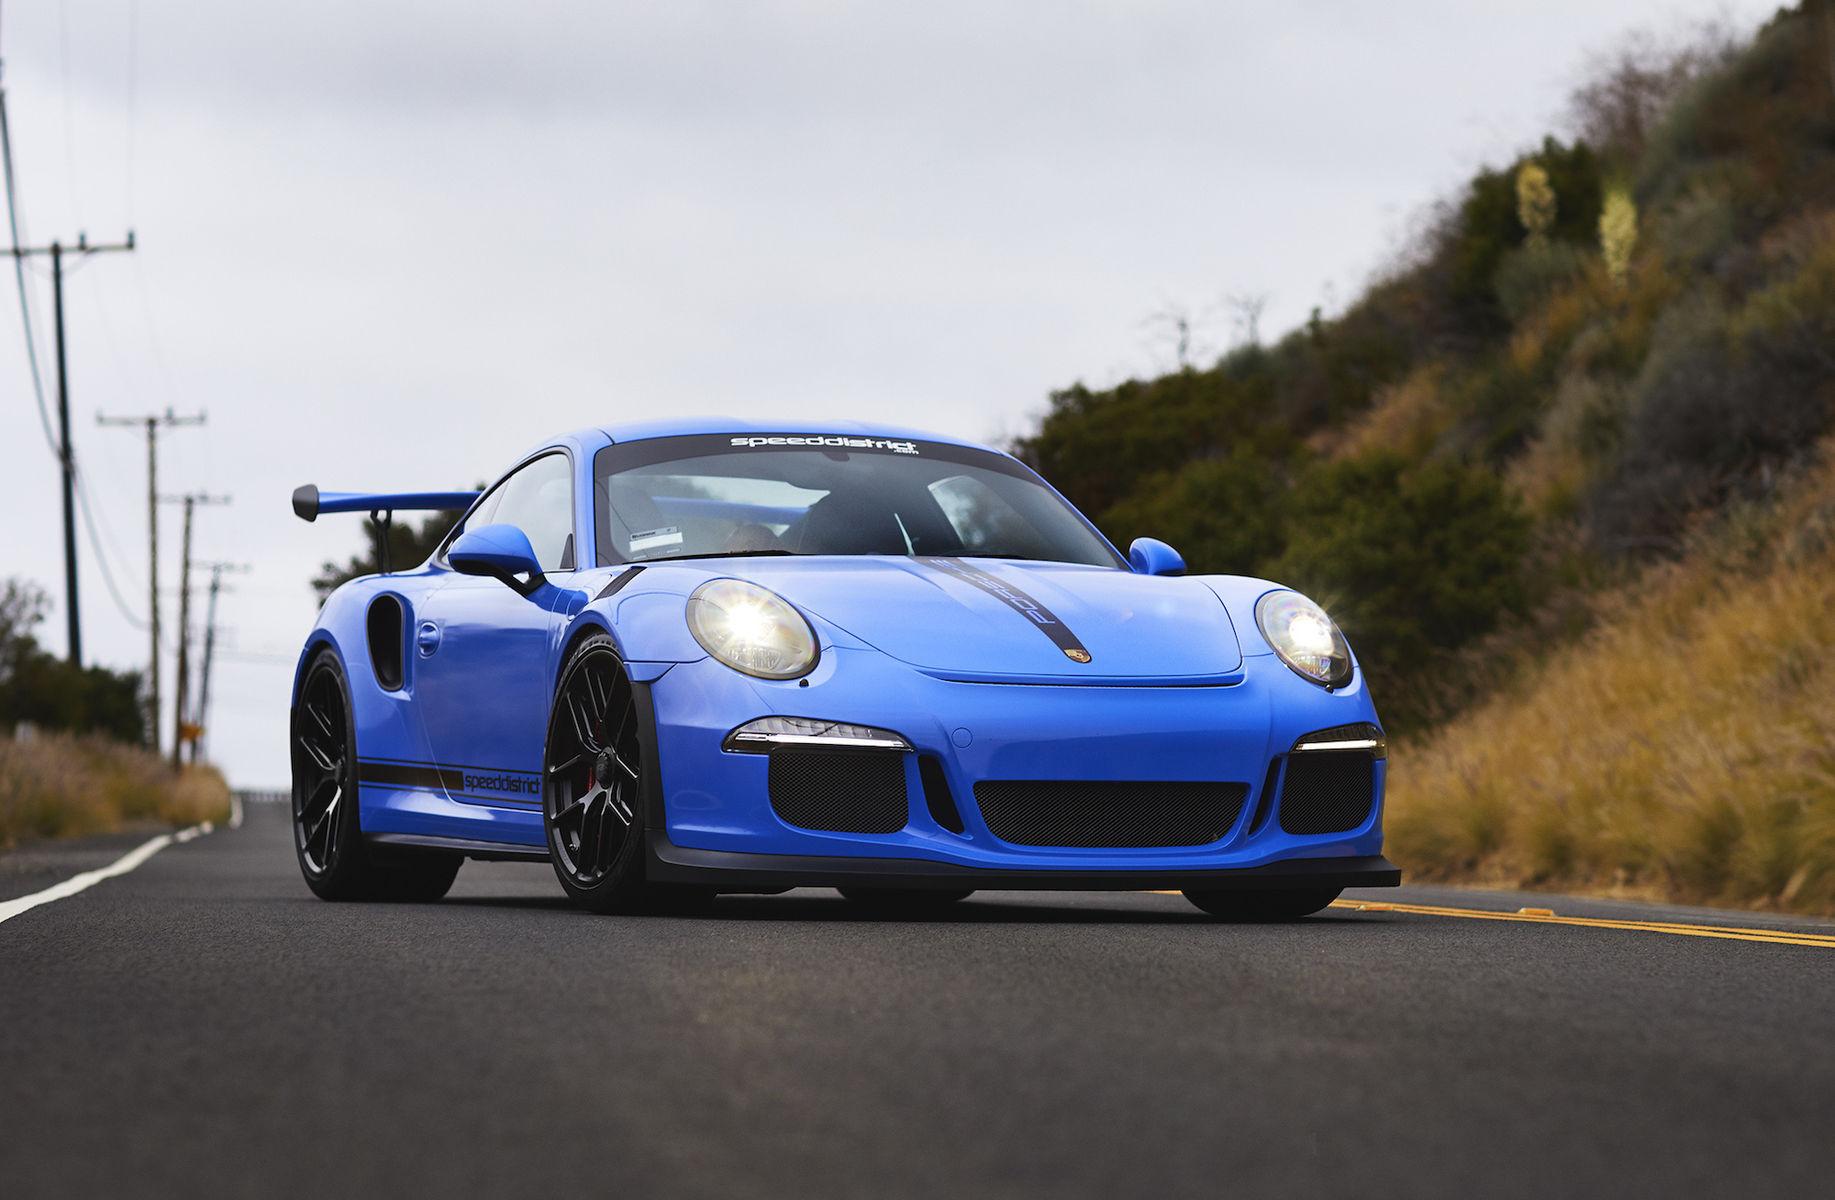 2017 Porsche 911 | Josh Shokri's Speed District Porsche 991 GT3 on Forgeline One Piece Forged Monoblock VX1R Wheels